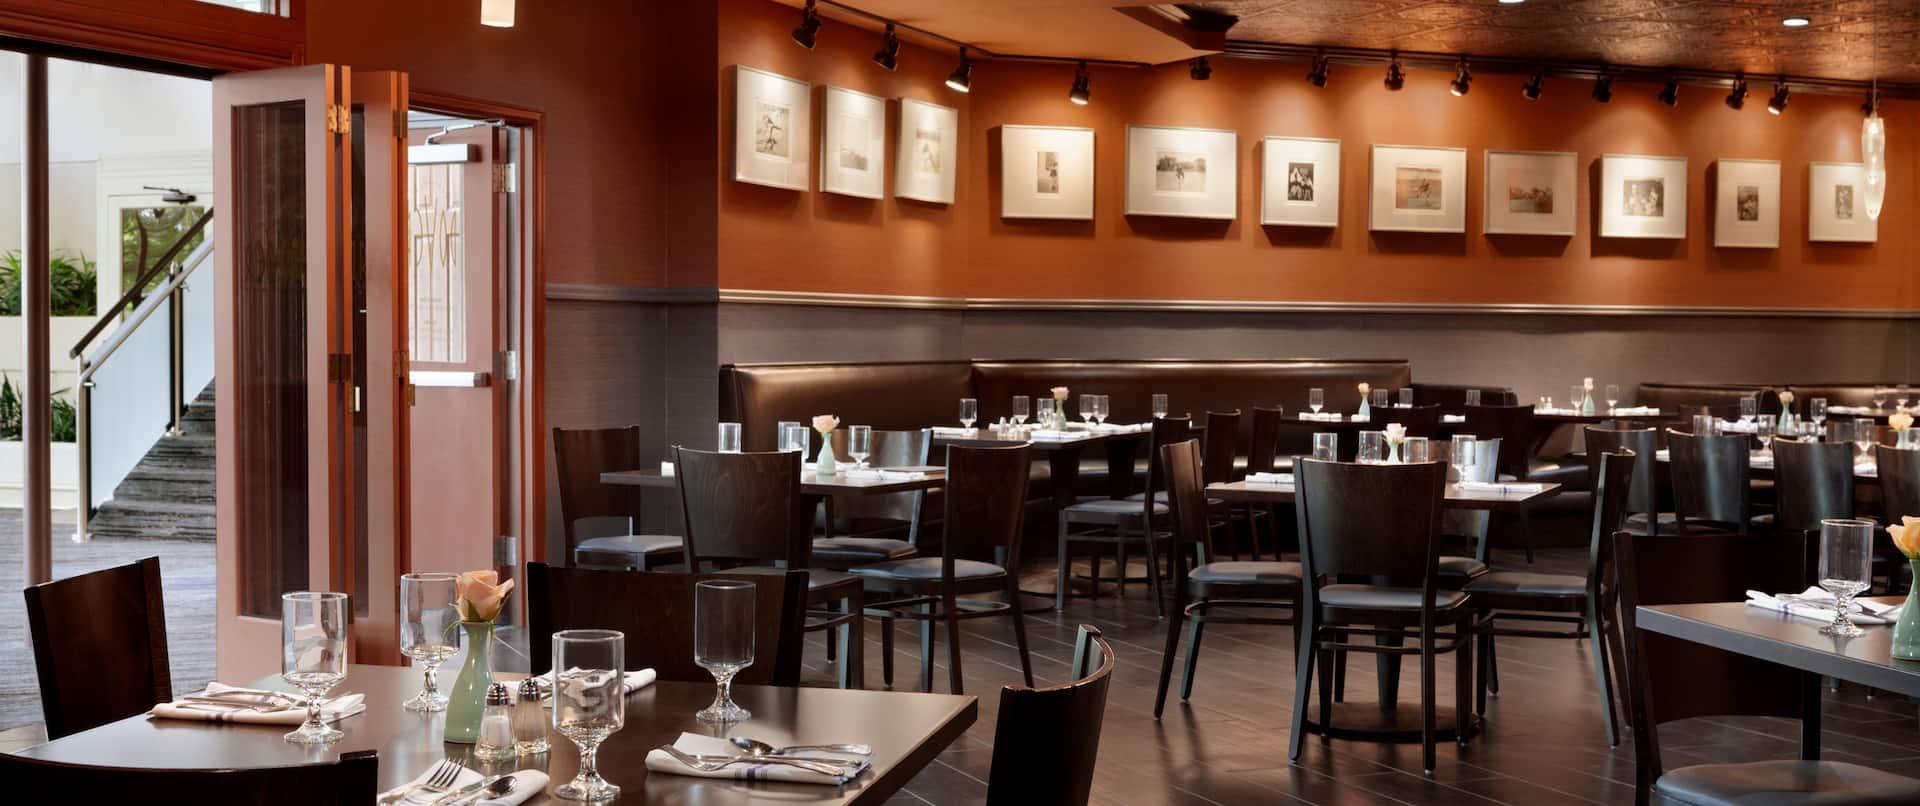 Dover Restaurant